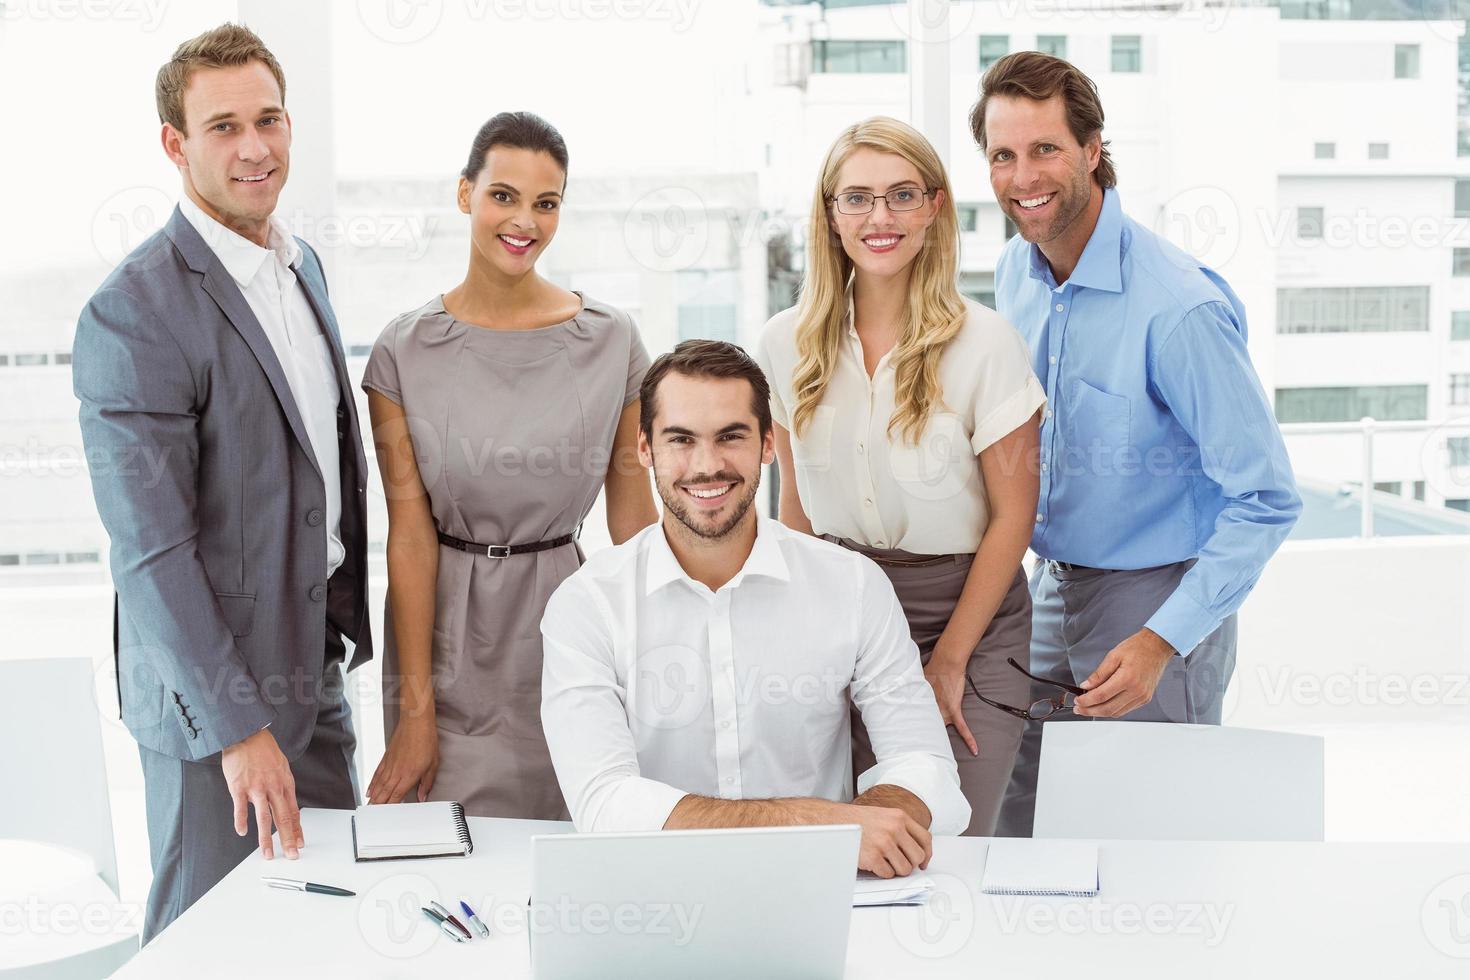 portret van mensen uit het bedrijfsleven op kantoor foto